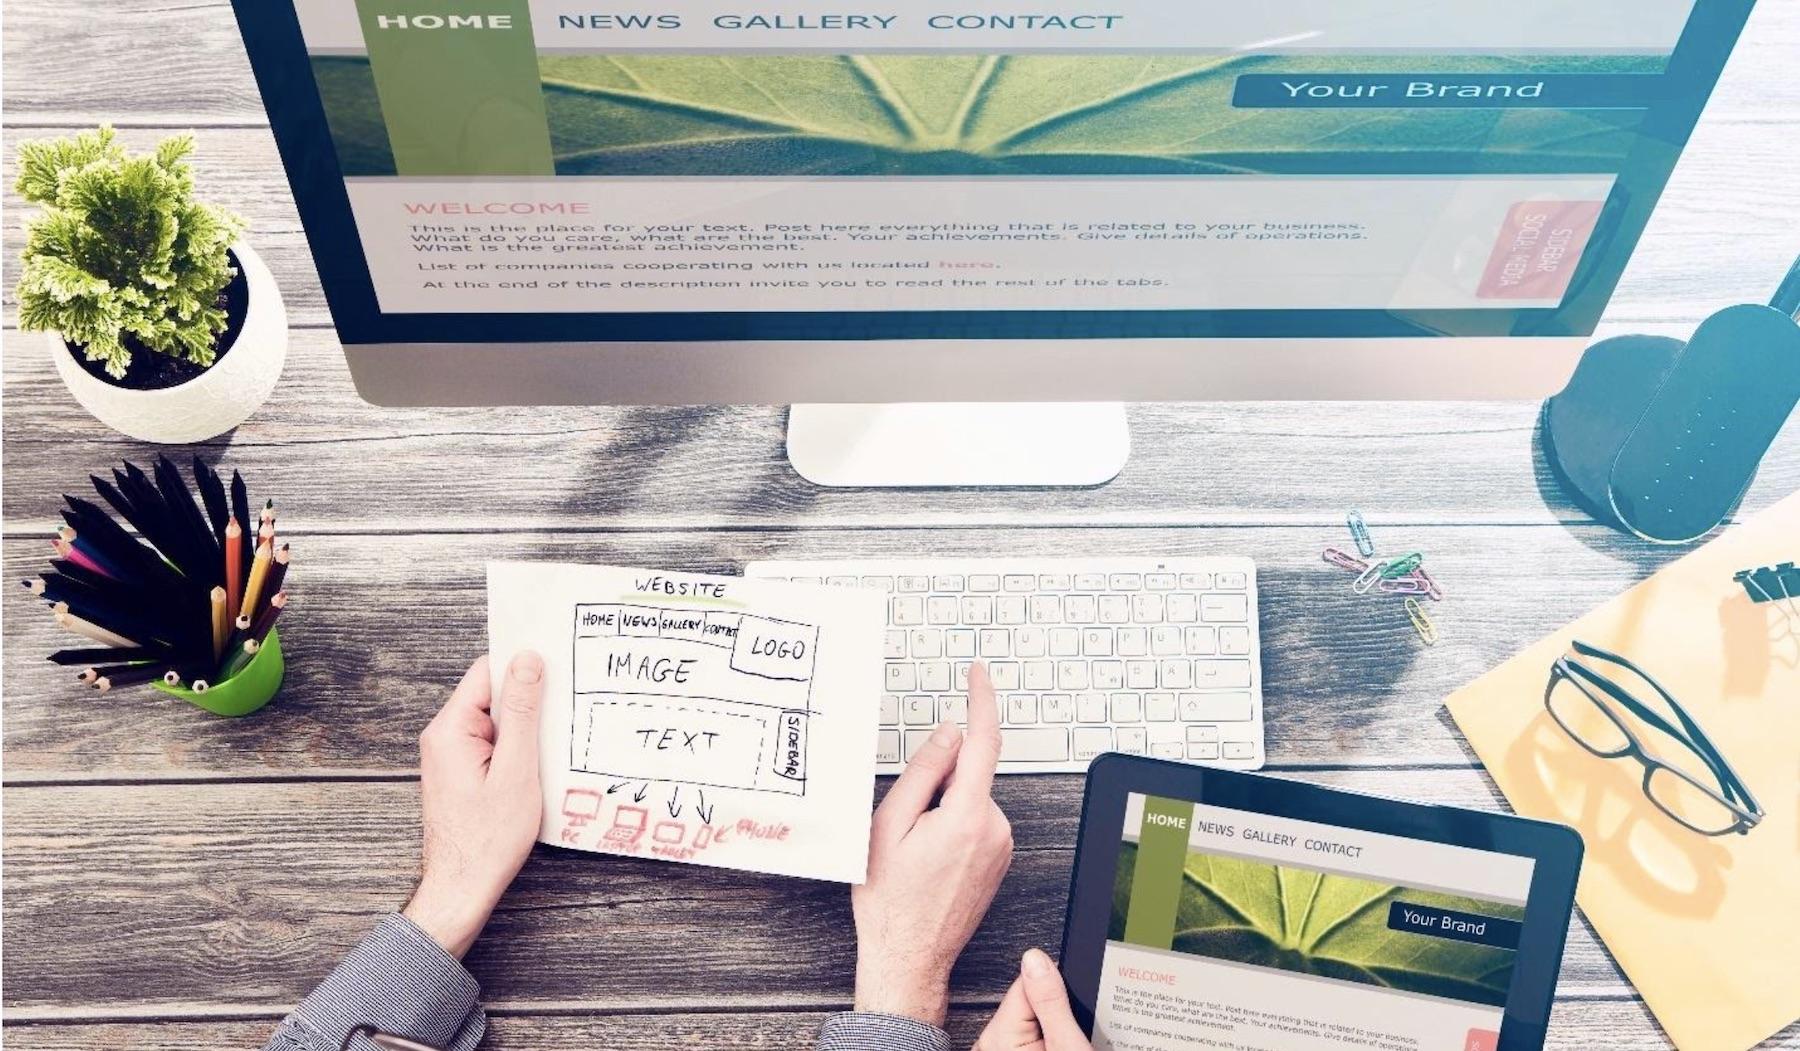 web design how to build website